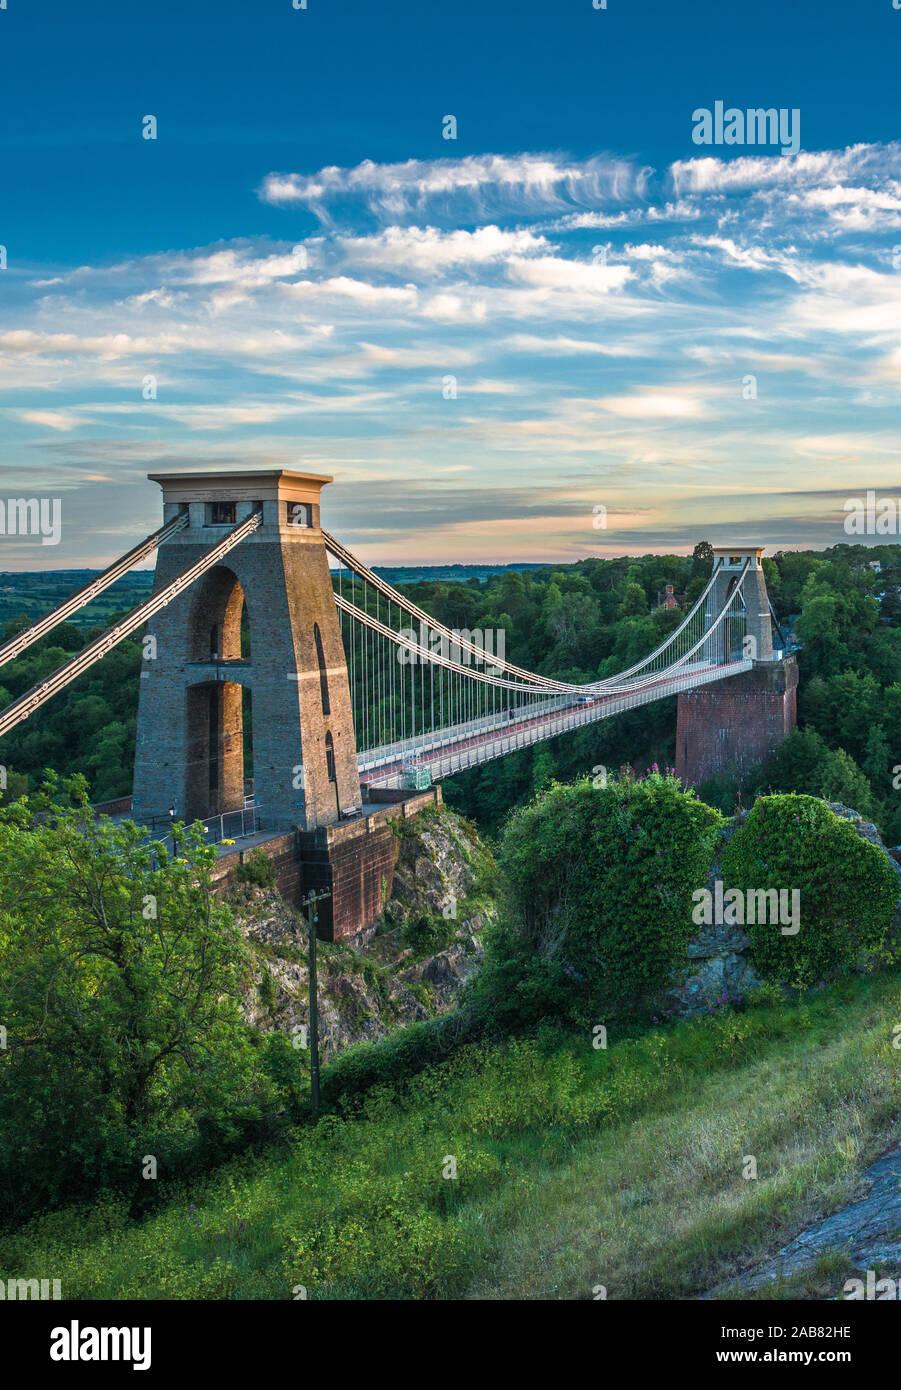 Clifton Suspension Bridge historique par Isambard Kingdom Brunel enjambe la rivière Avon Avon Gorge avec ci-dessous, Bristol, Angleterre, Royaume-Uni, Europe Banque D'Images